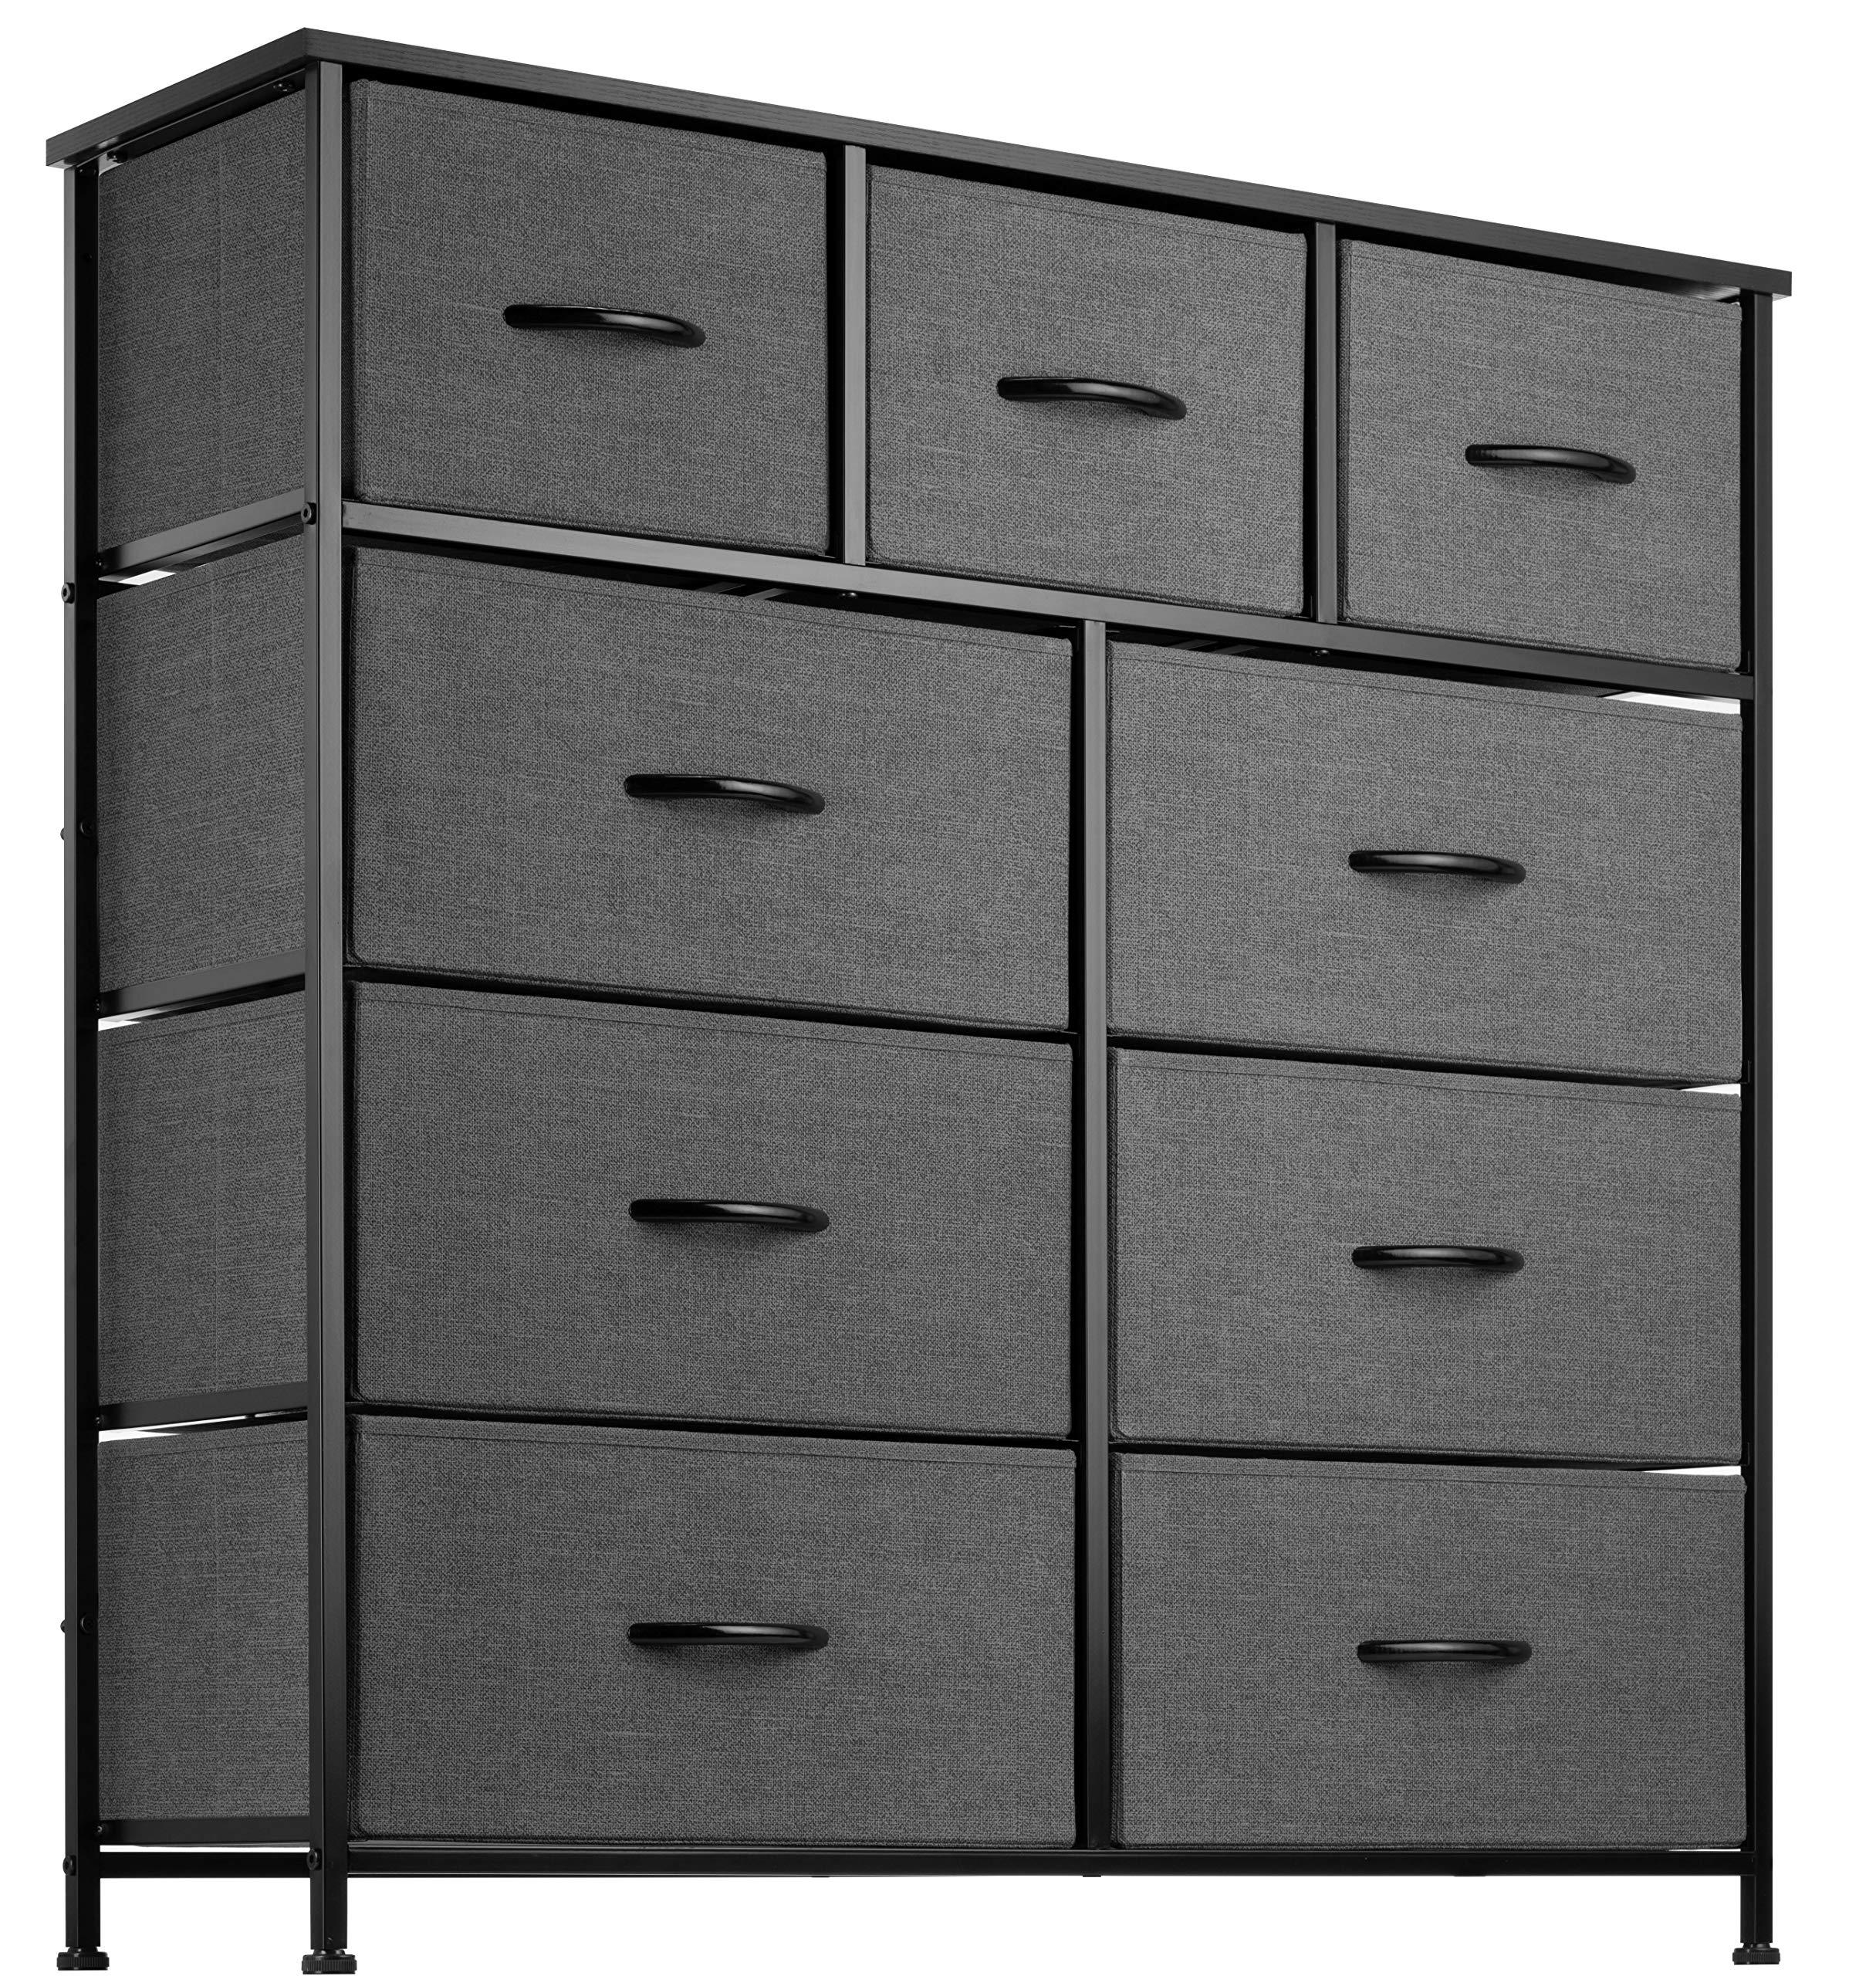 9 Drawer Dresser Organizer Fabric Storage Chest for Bedroom, Hallway, Entryway, Closets, Nurseries. Furniture Storage Towe...